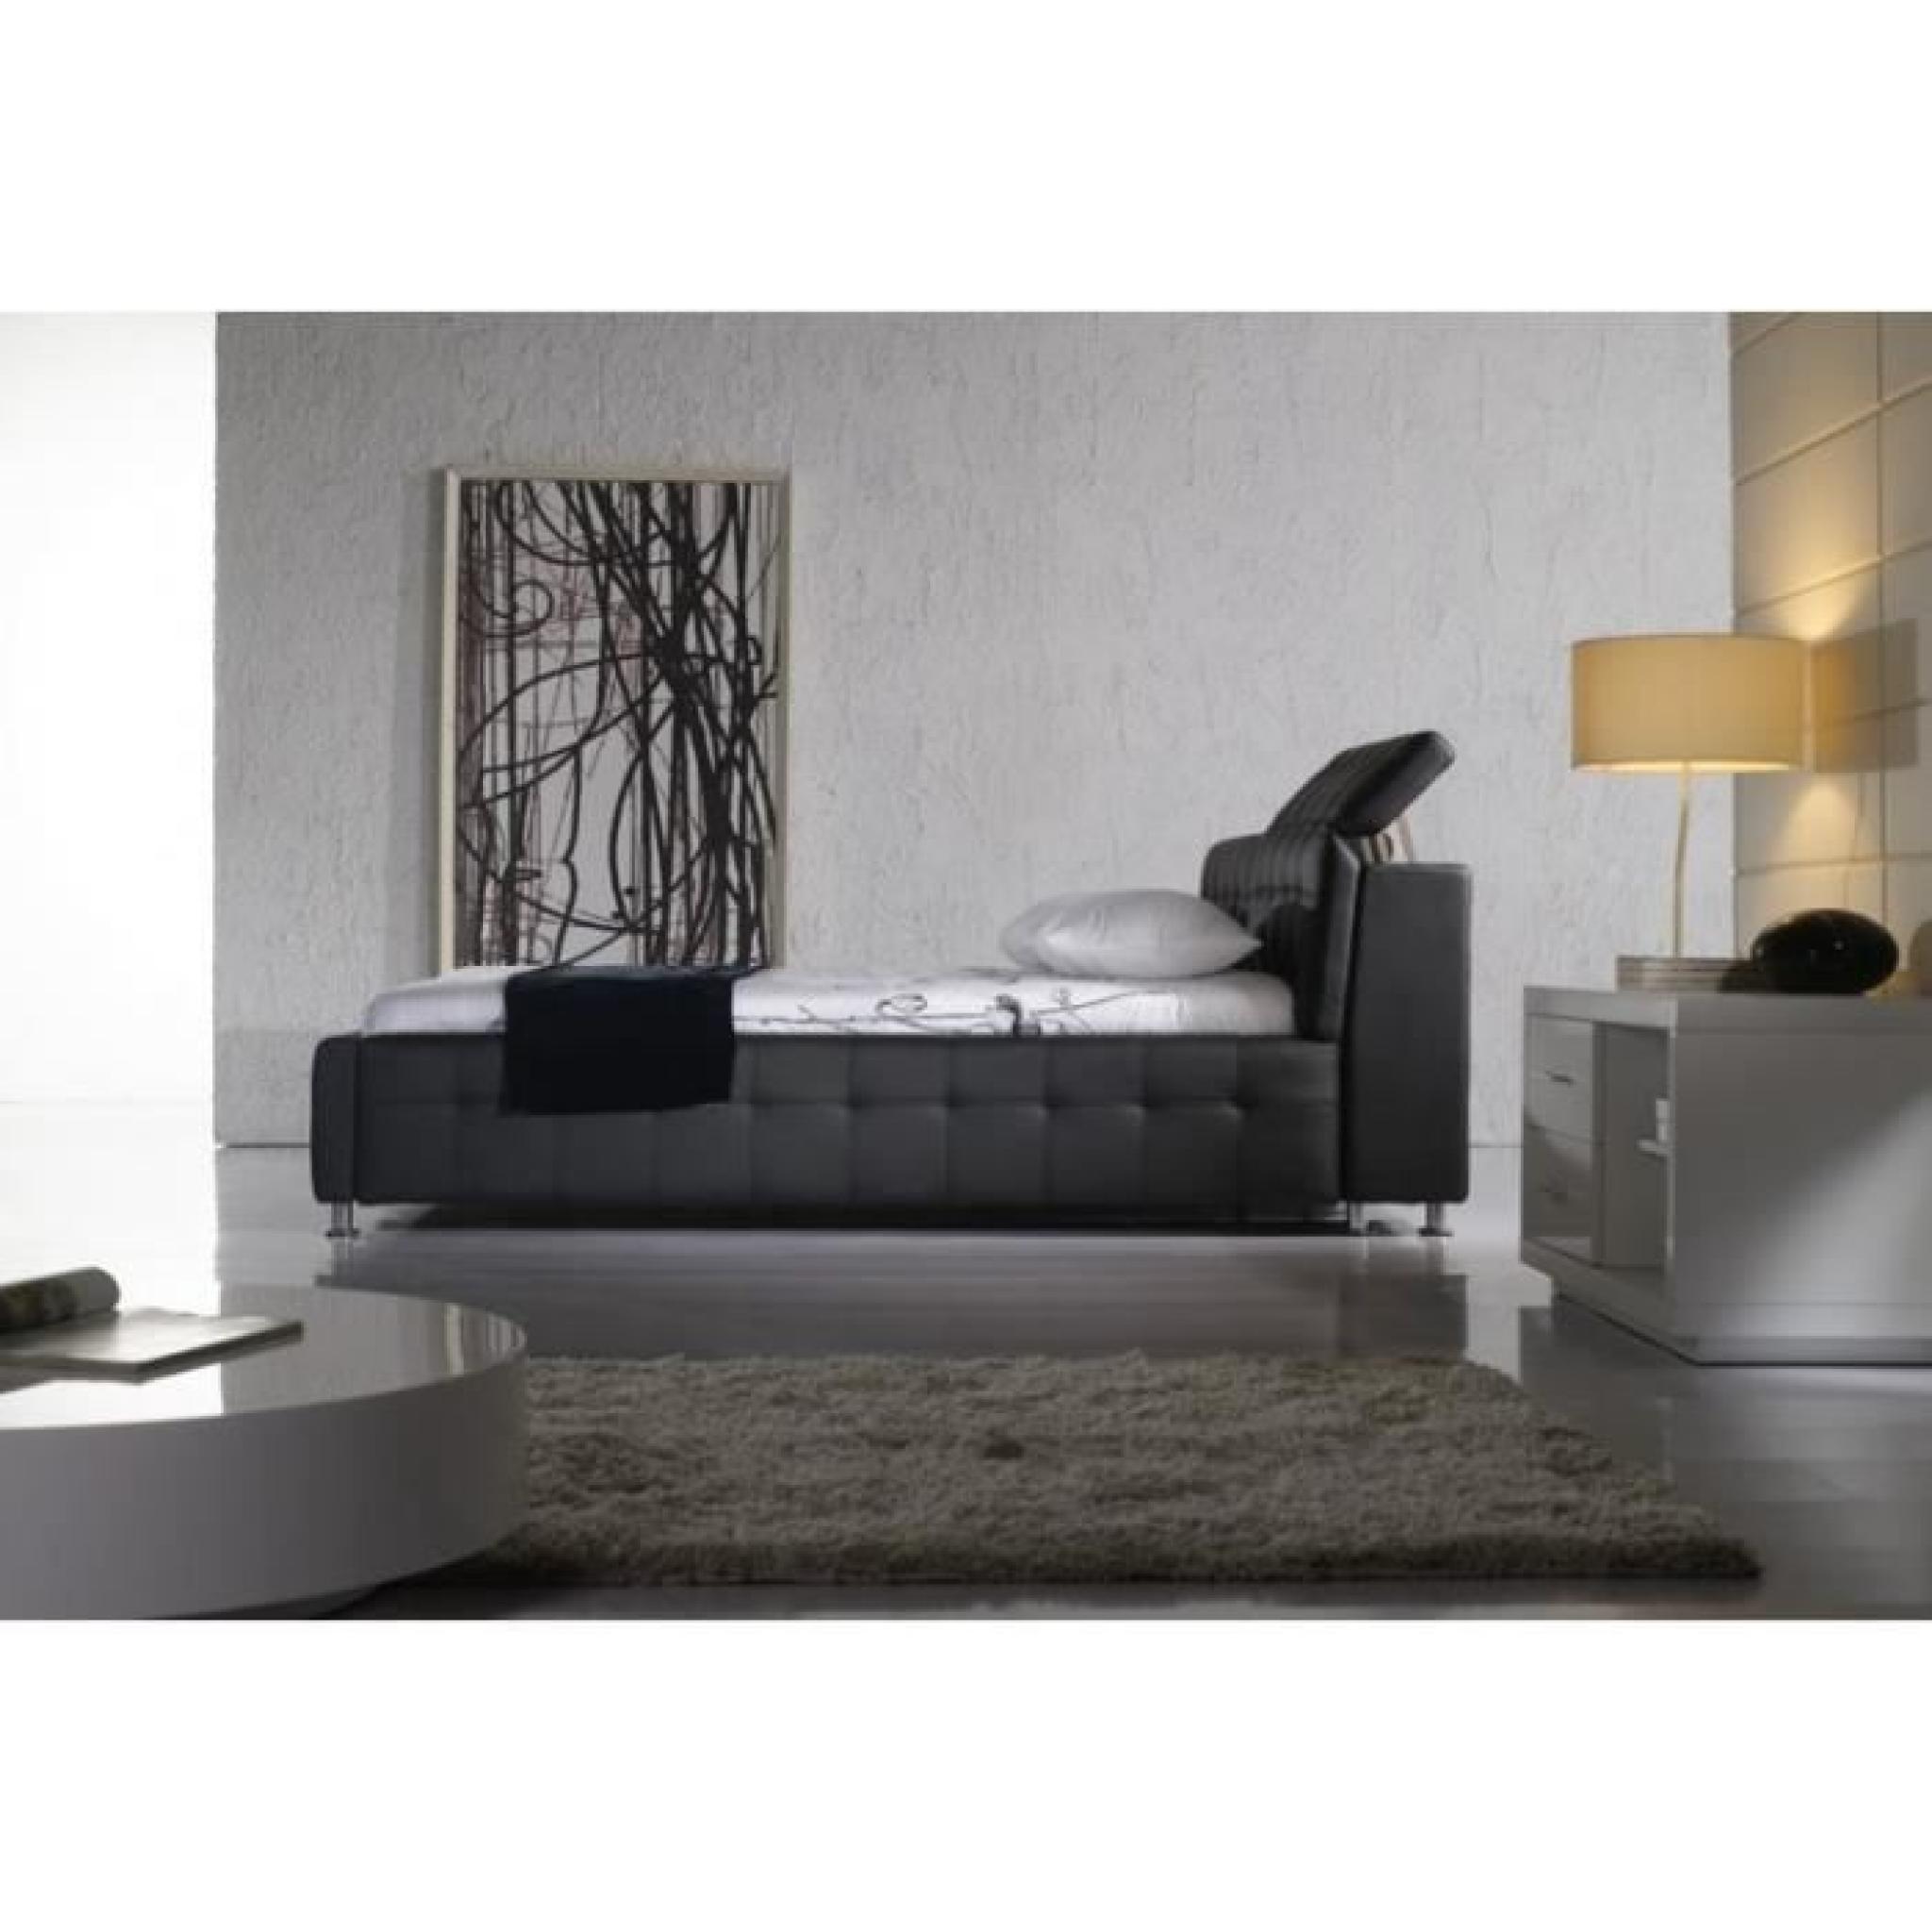 justhome theatro plus noir lit rembourr en cuir cologiquer taille 160 x 200 cm achat vente. Black Bedroom Furniture Sets. Home Design Ideas